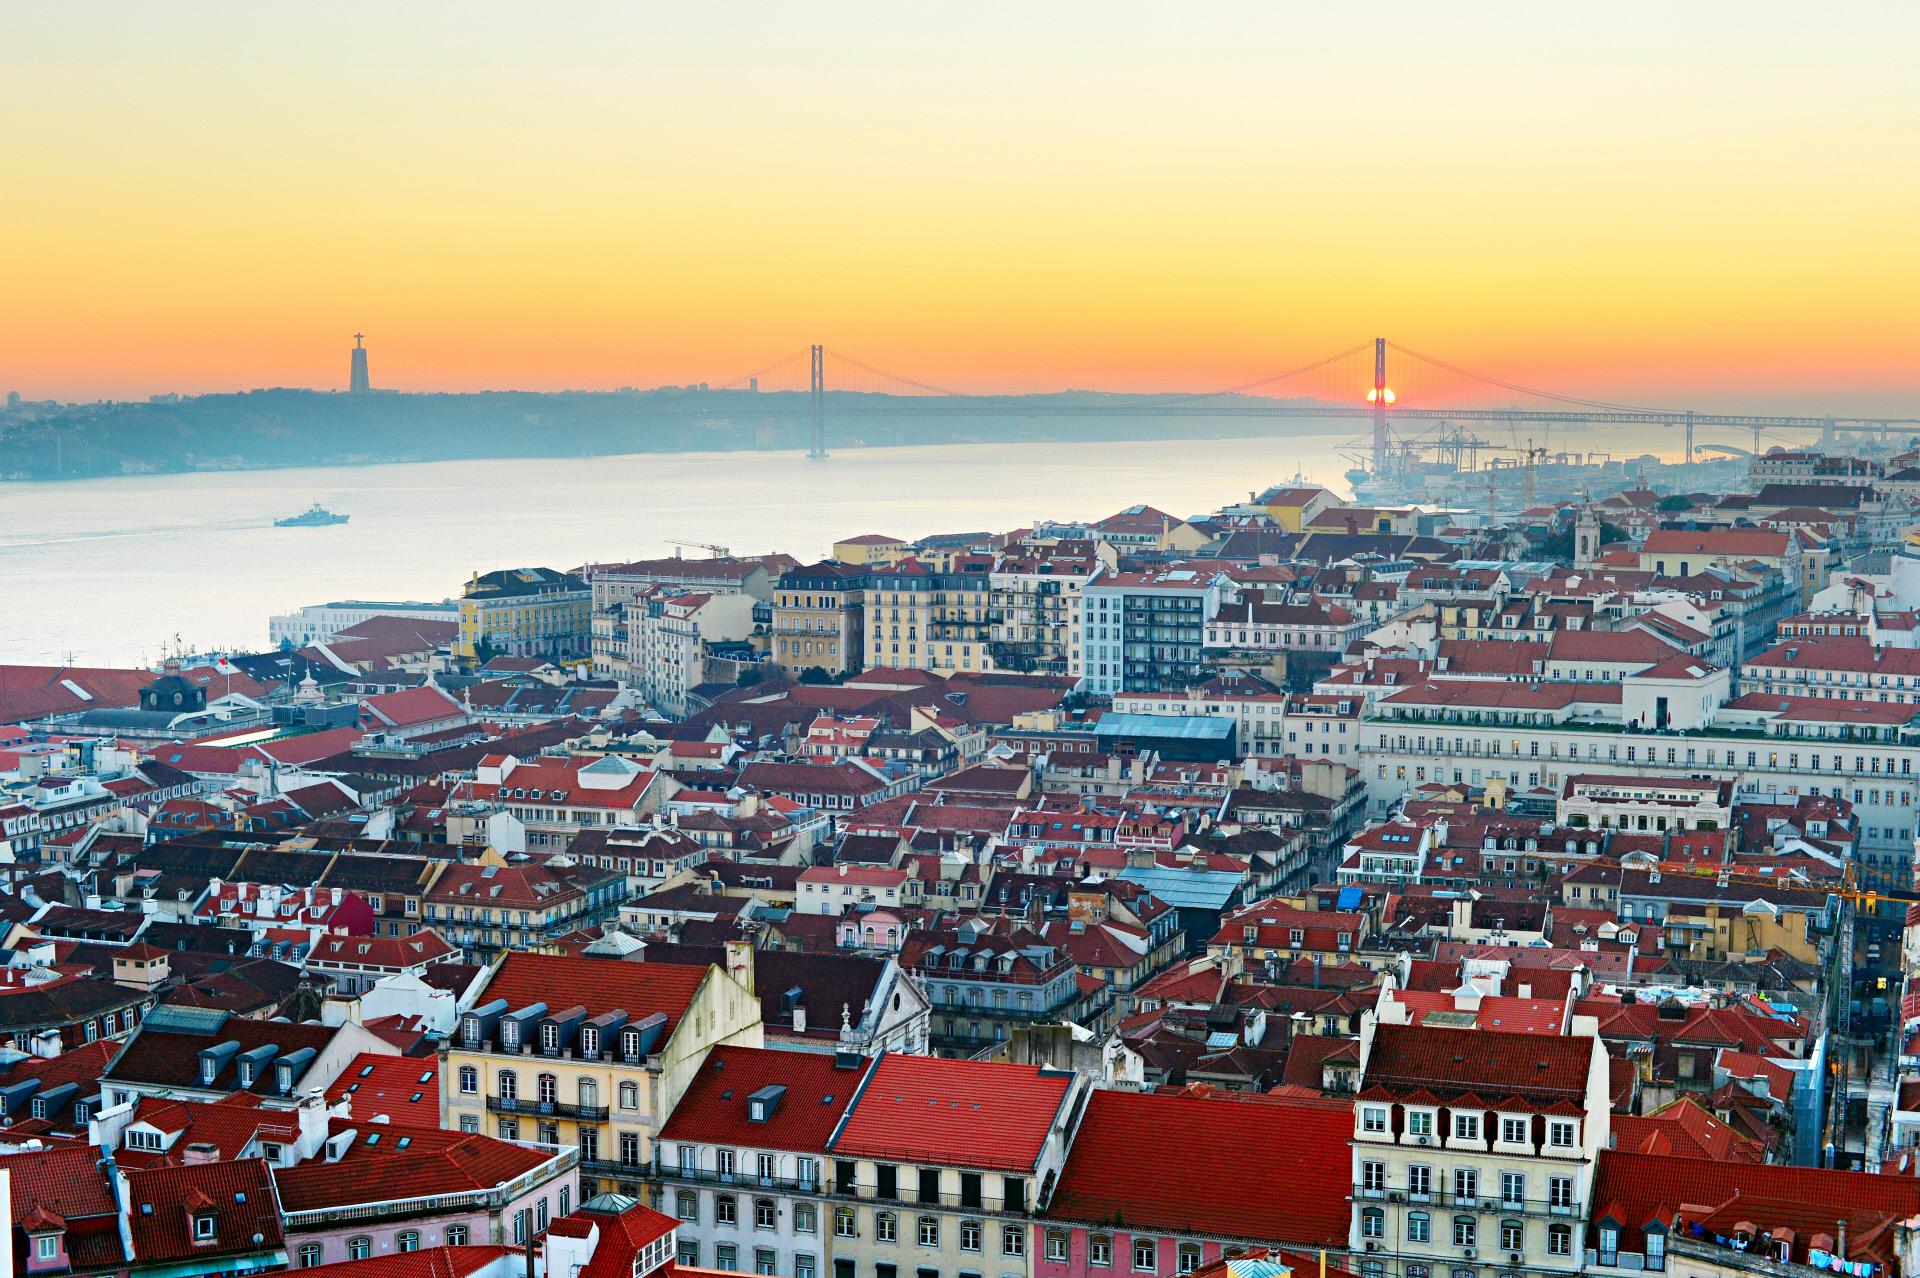 10. Lisboa